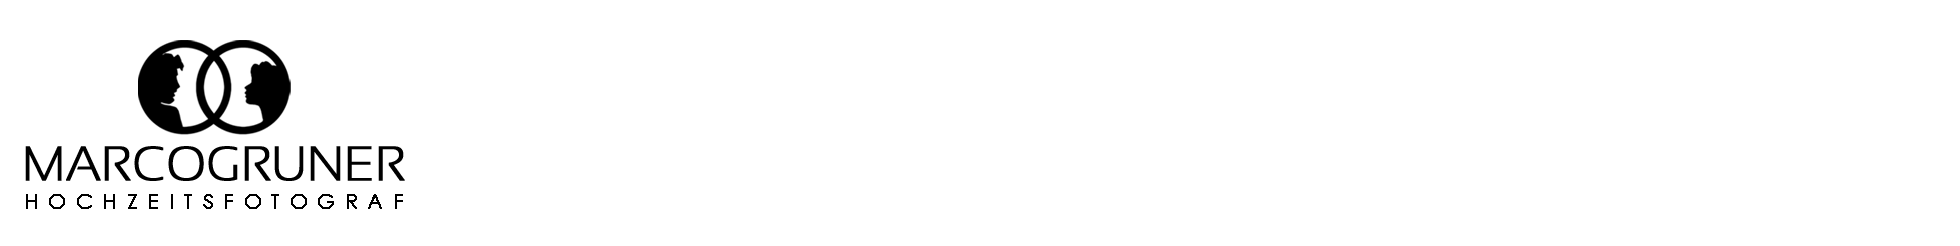 Marco Gruner Hochzeitsfotograf | Frankfurt, Darmstadt logo